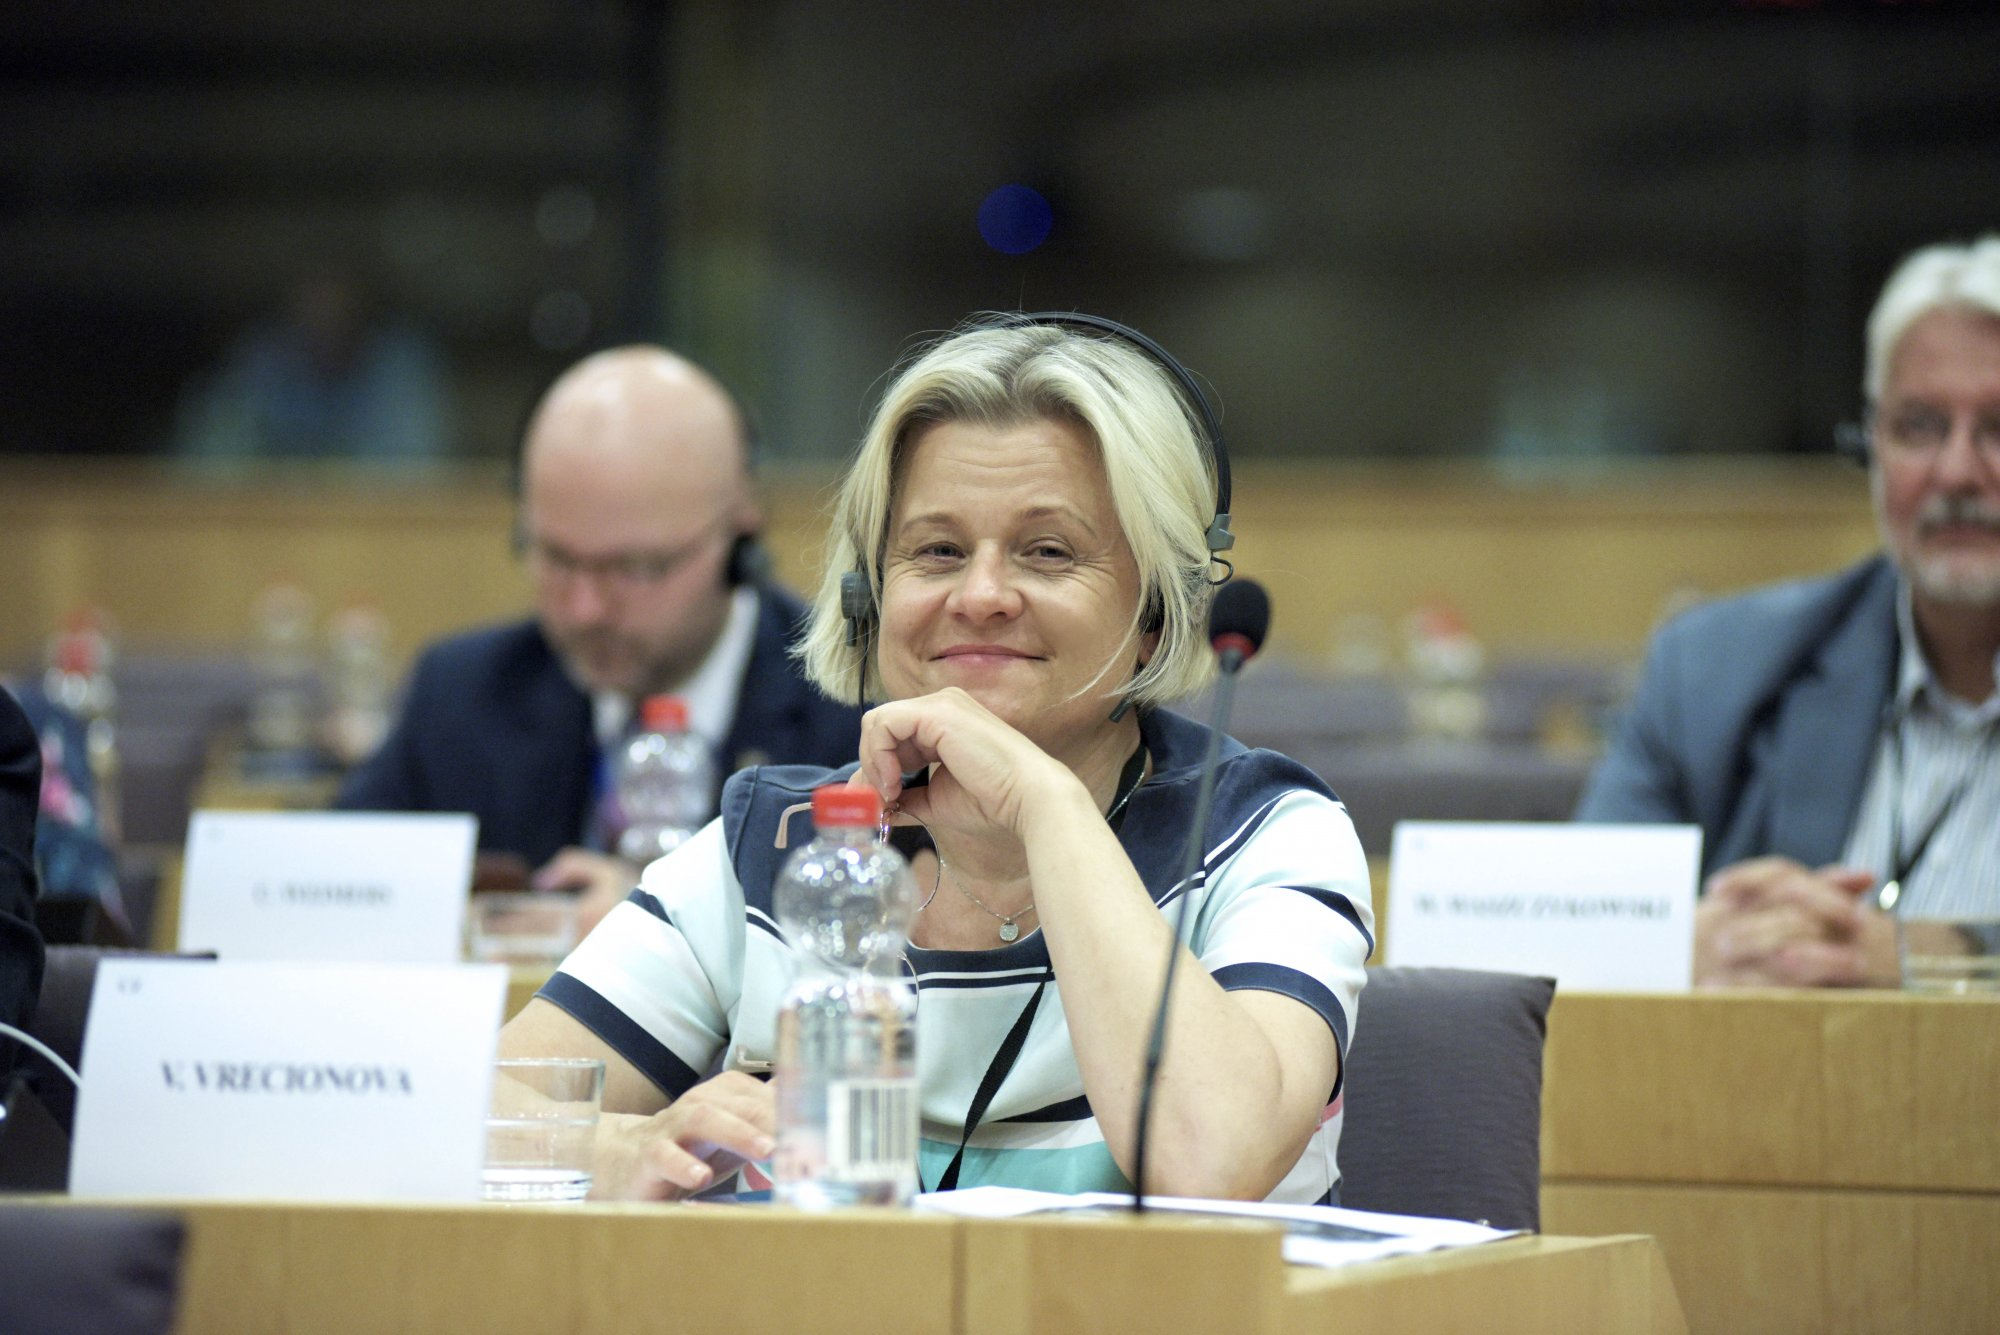 Omezení rychlosti na 30 km/h v obcích, jak navrhují europoslanci hnutí ANO, nepodporujeme